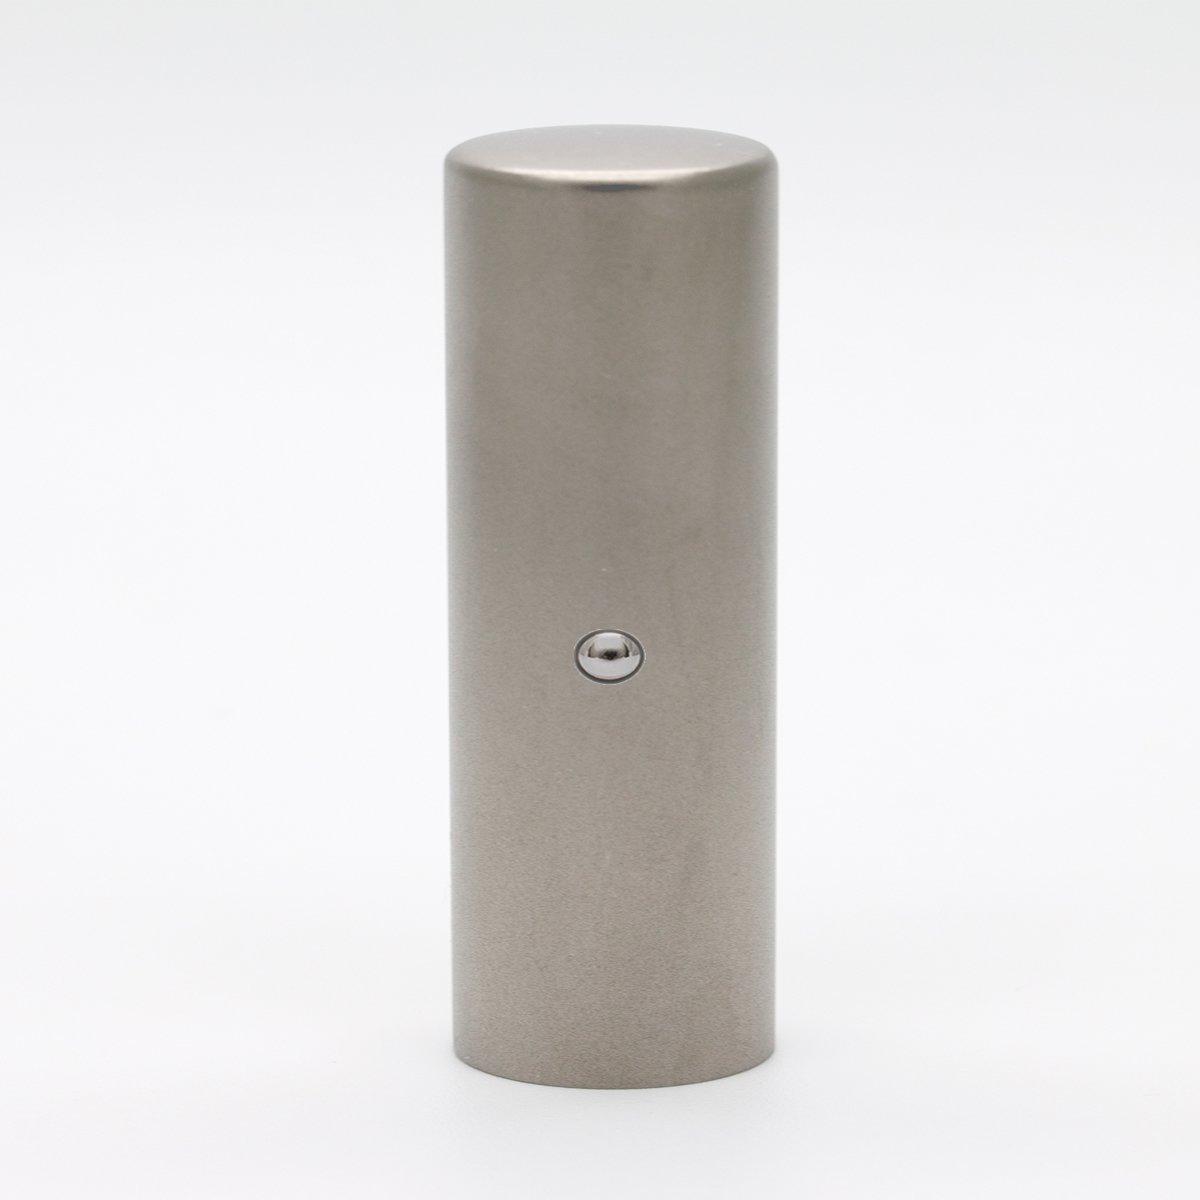 先生印/資格印/職印/ブラストチタン/丸寸胴(アタリ付き)/21mm/ケース別売